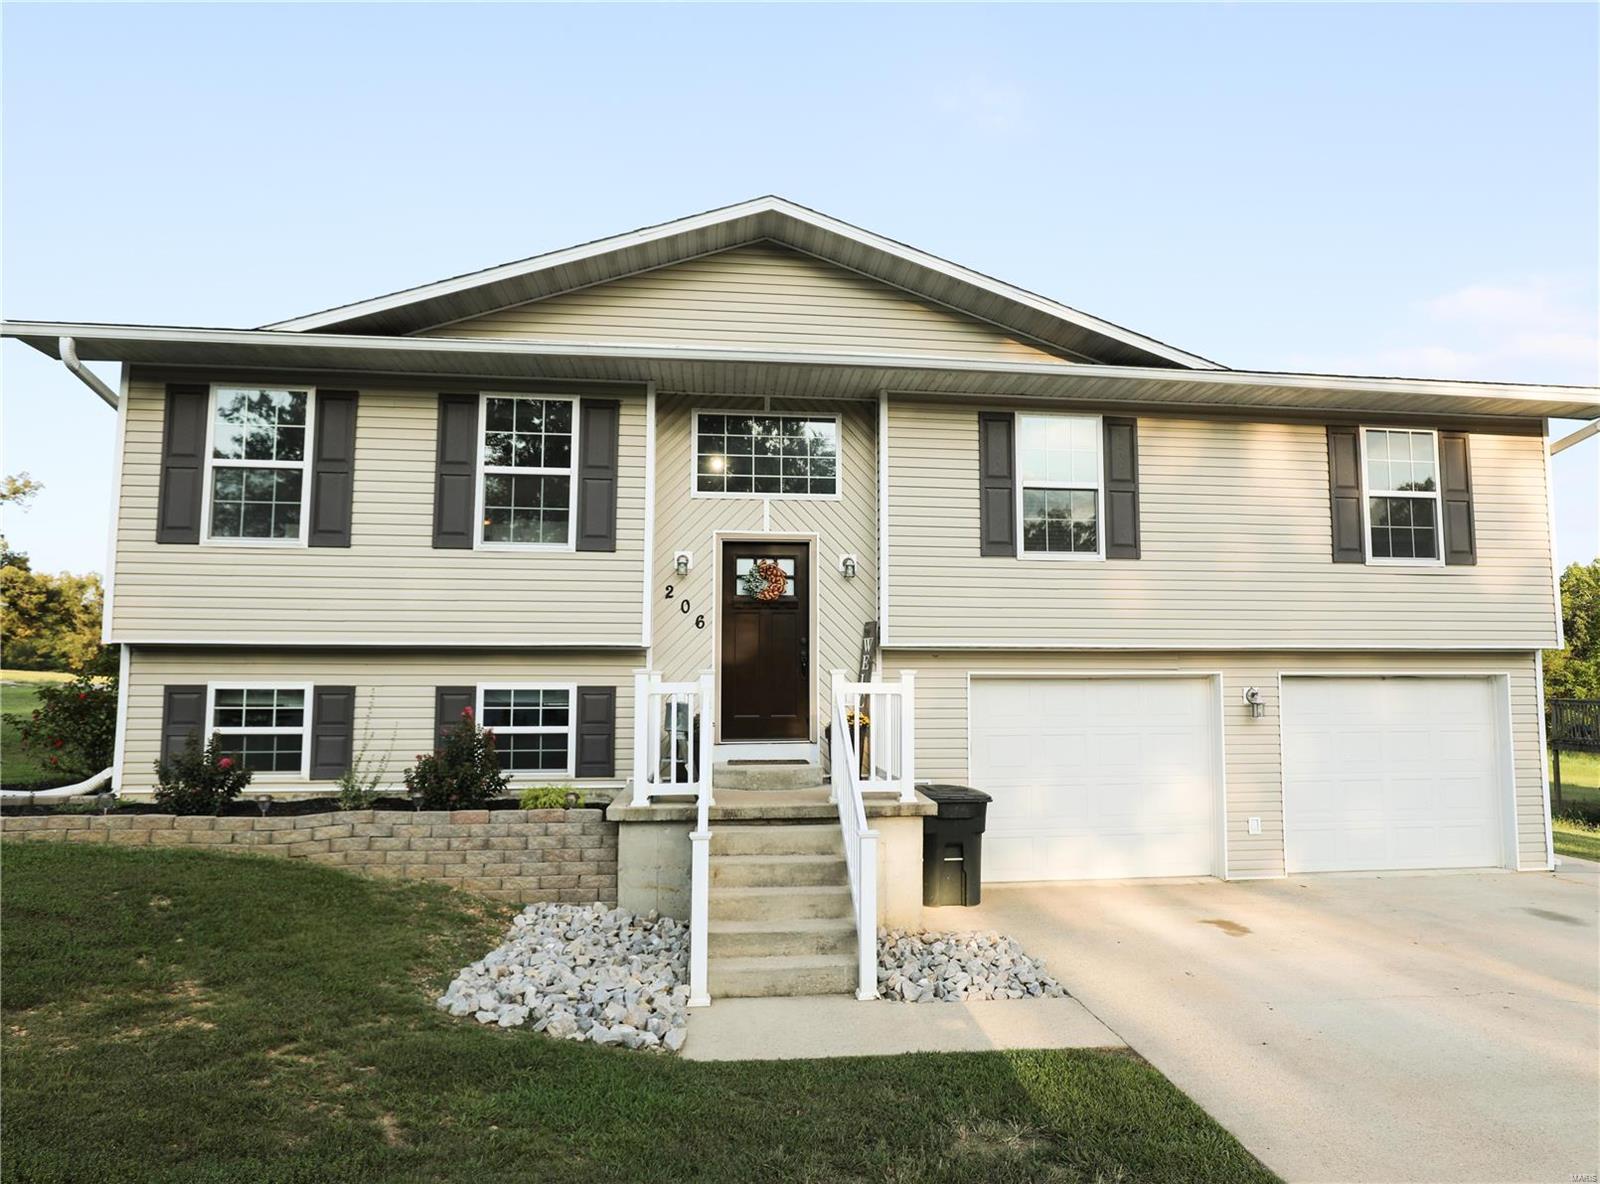 Antler Ridge Subd: Lot 14 Real Estate Listings Main Image